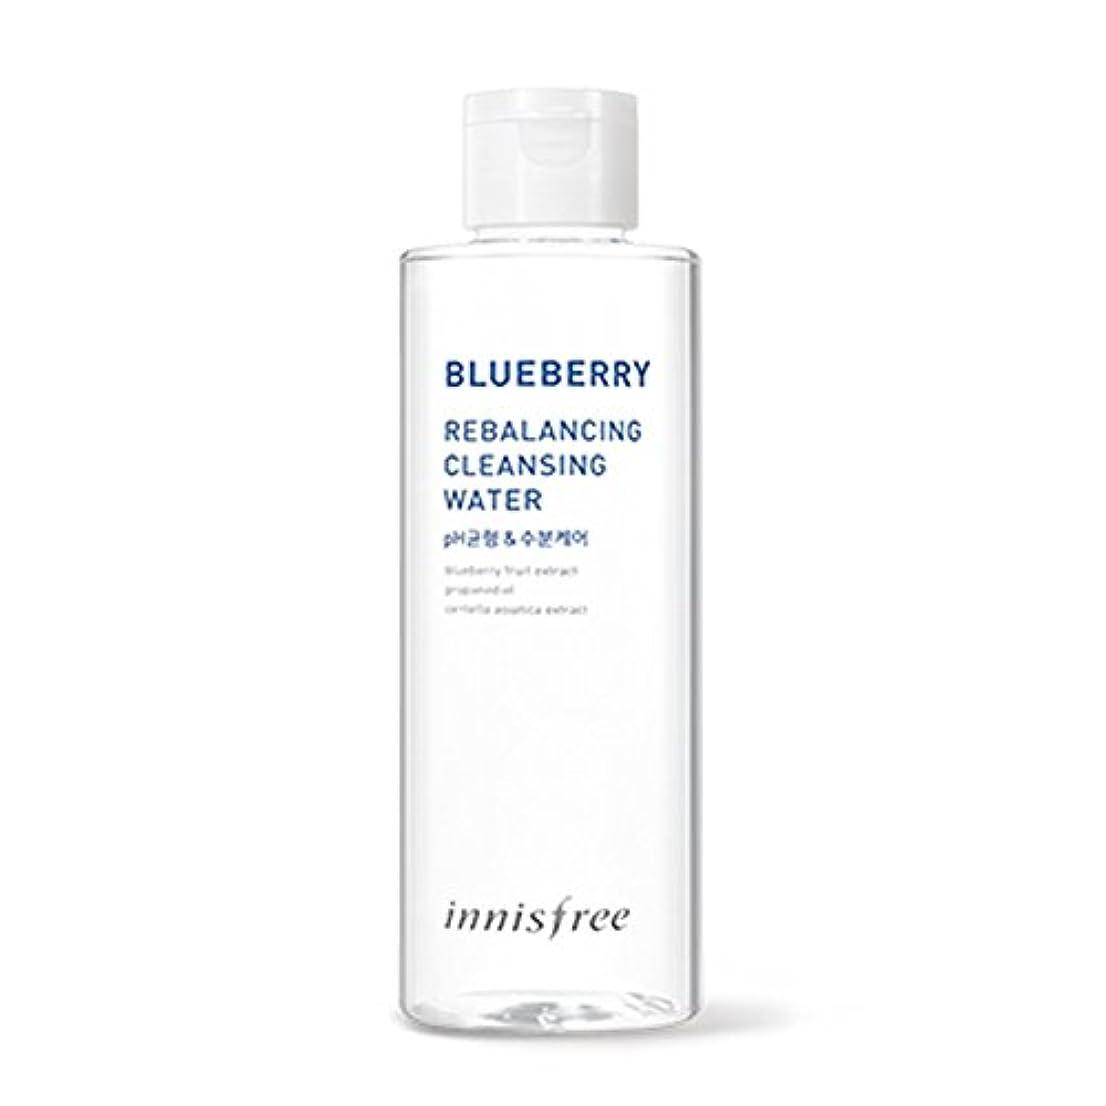 尊敬アッパー光沢イニスフリーブルーベリーリバランシングクレンジングウォーター200ml Innisfree Blueberry Rebalancing Cleansing Water 200ml [海外直送品][並行輸入品]